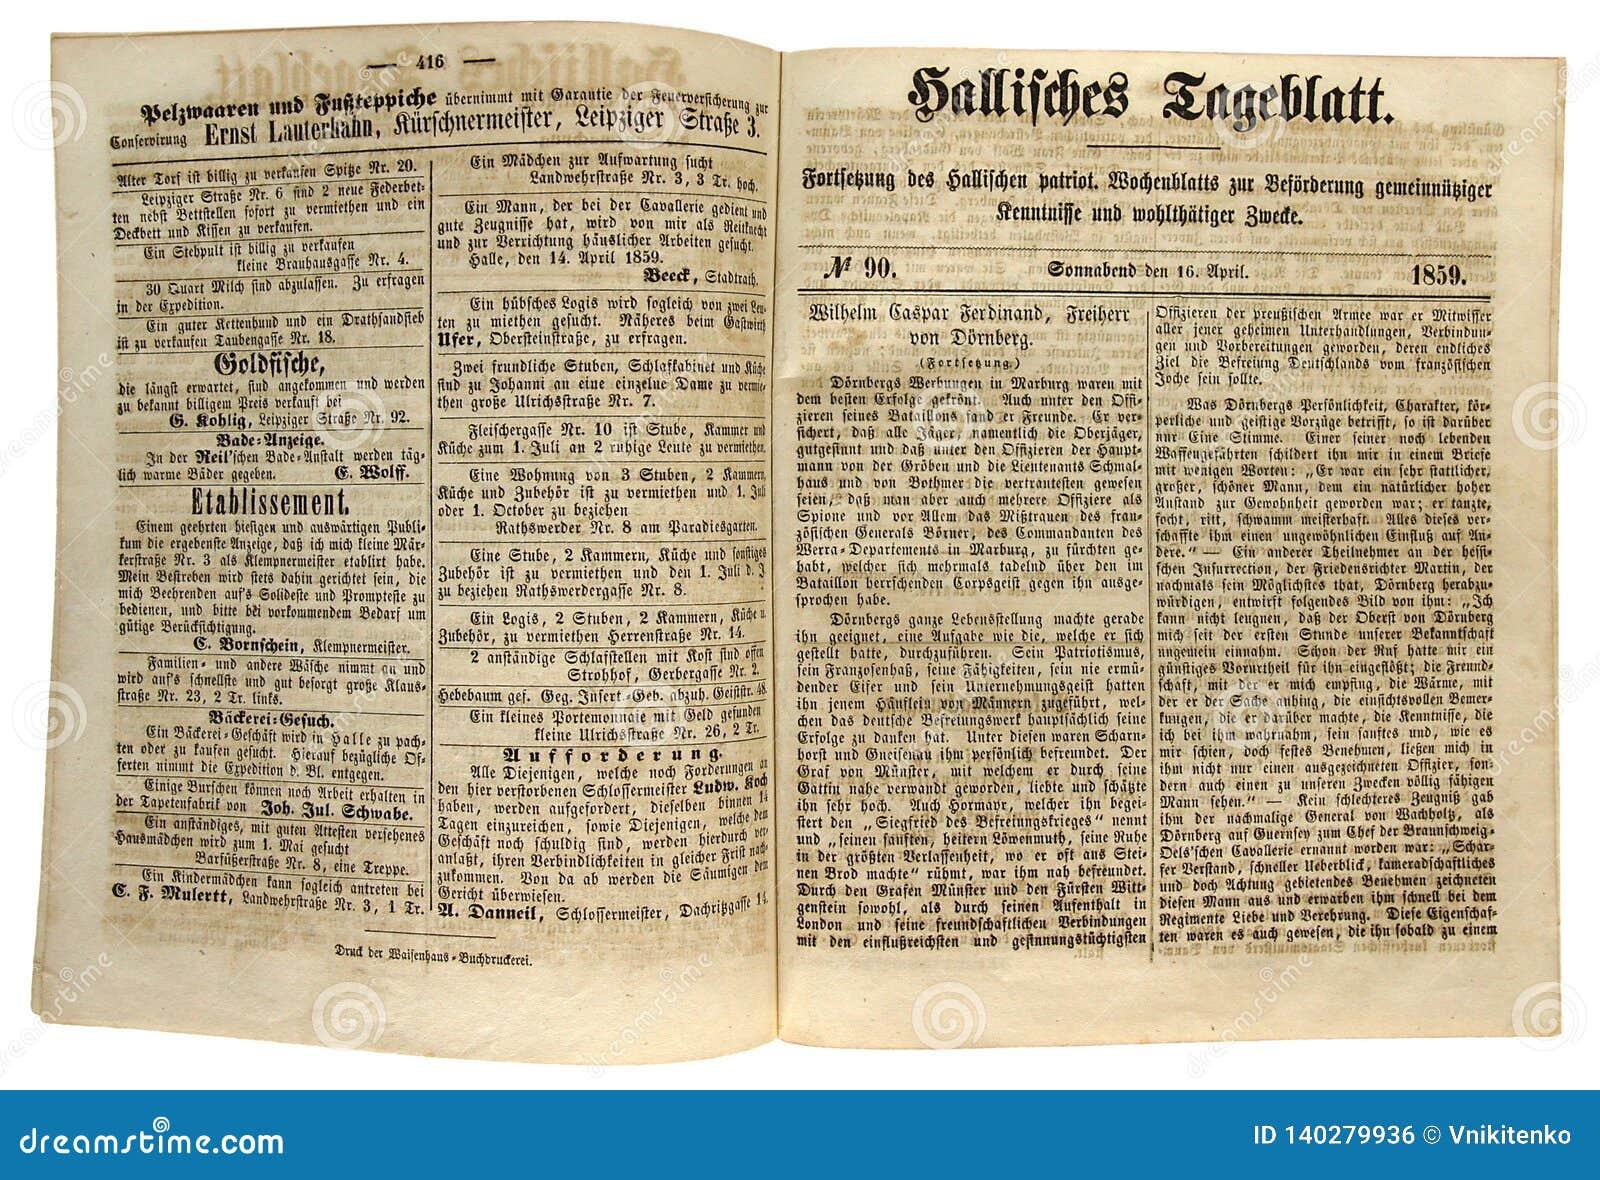 De algemene Kranten van Halle